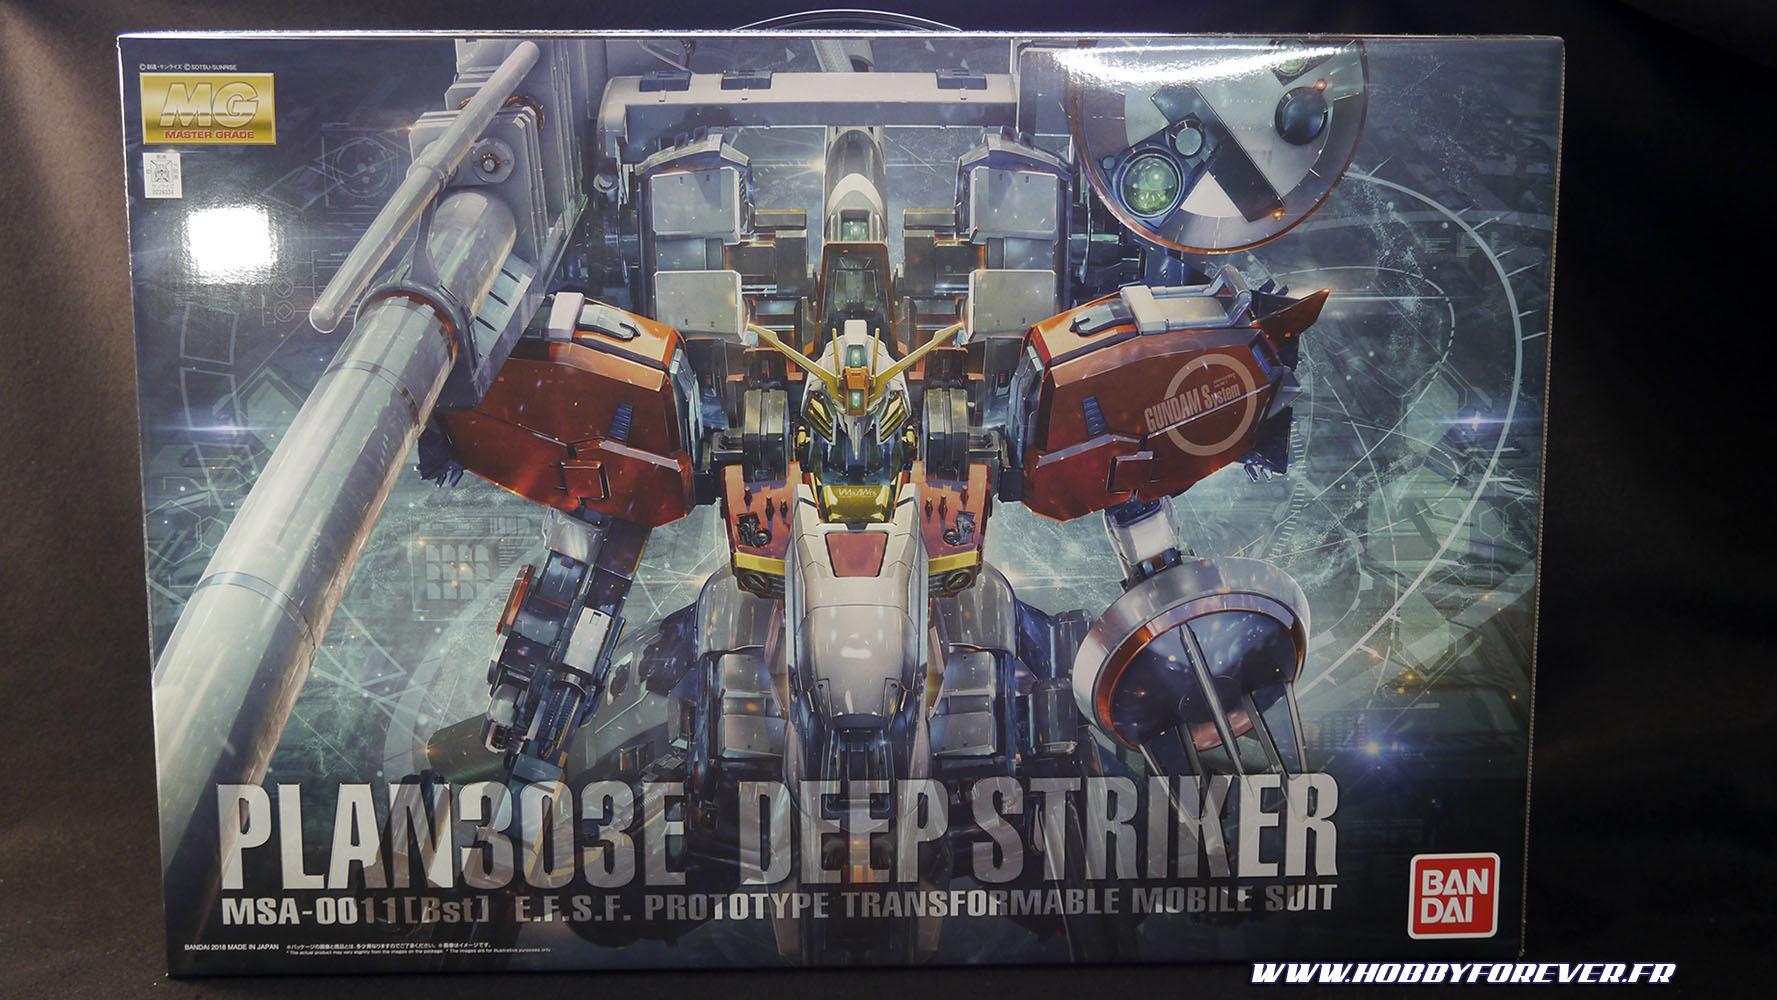 La boite peut se vanter d'arborer une superbe illustration en CGI du Deep Striker